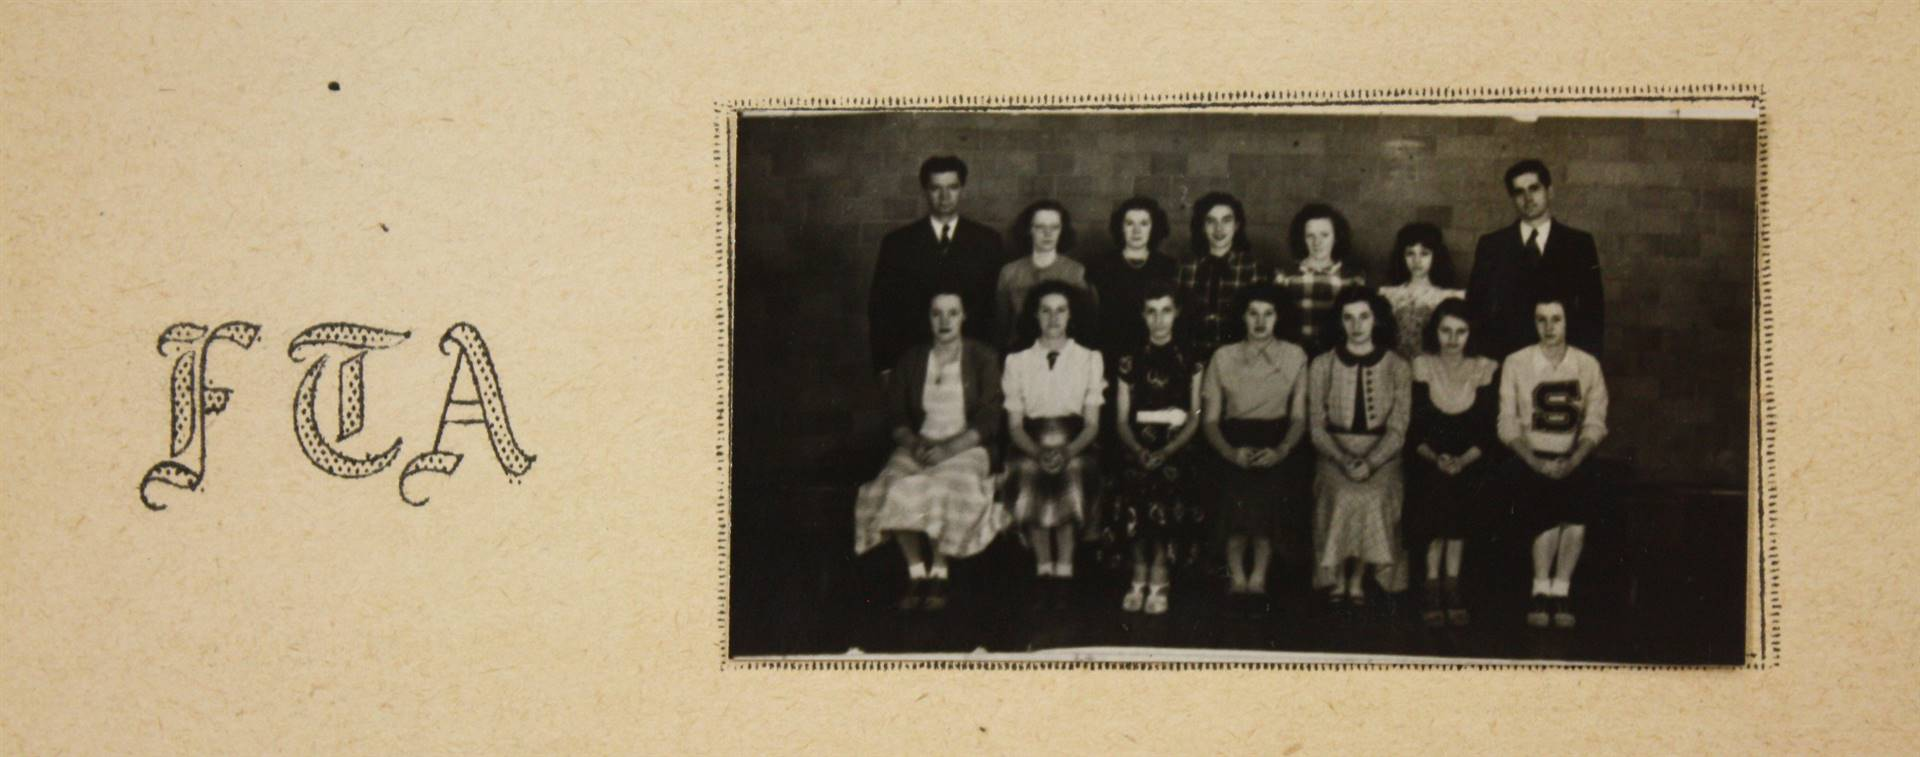 1949 FTA